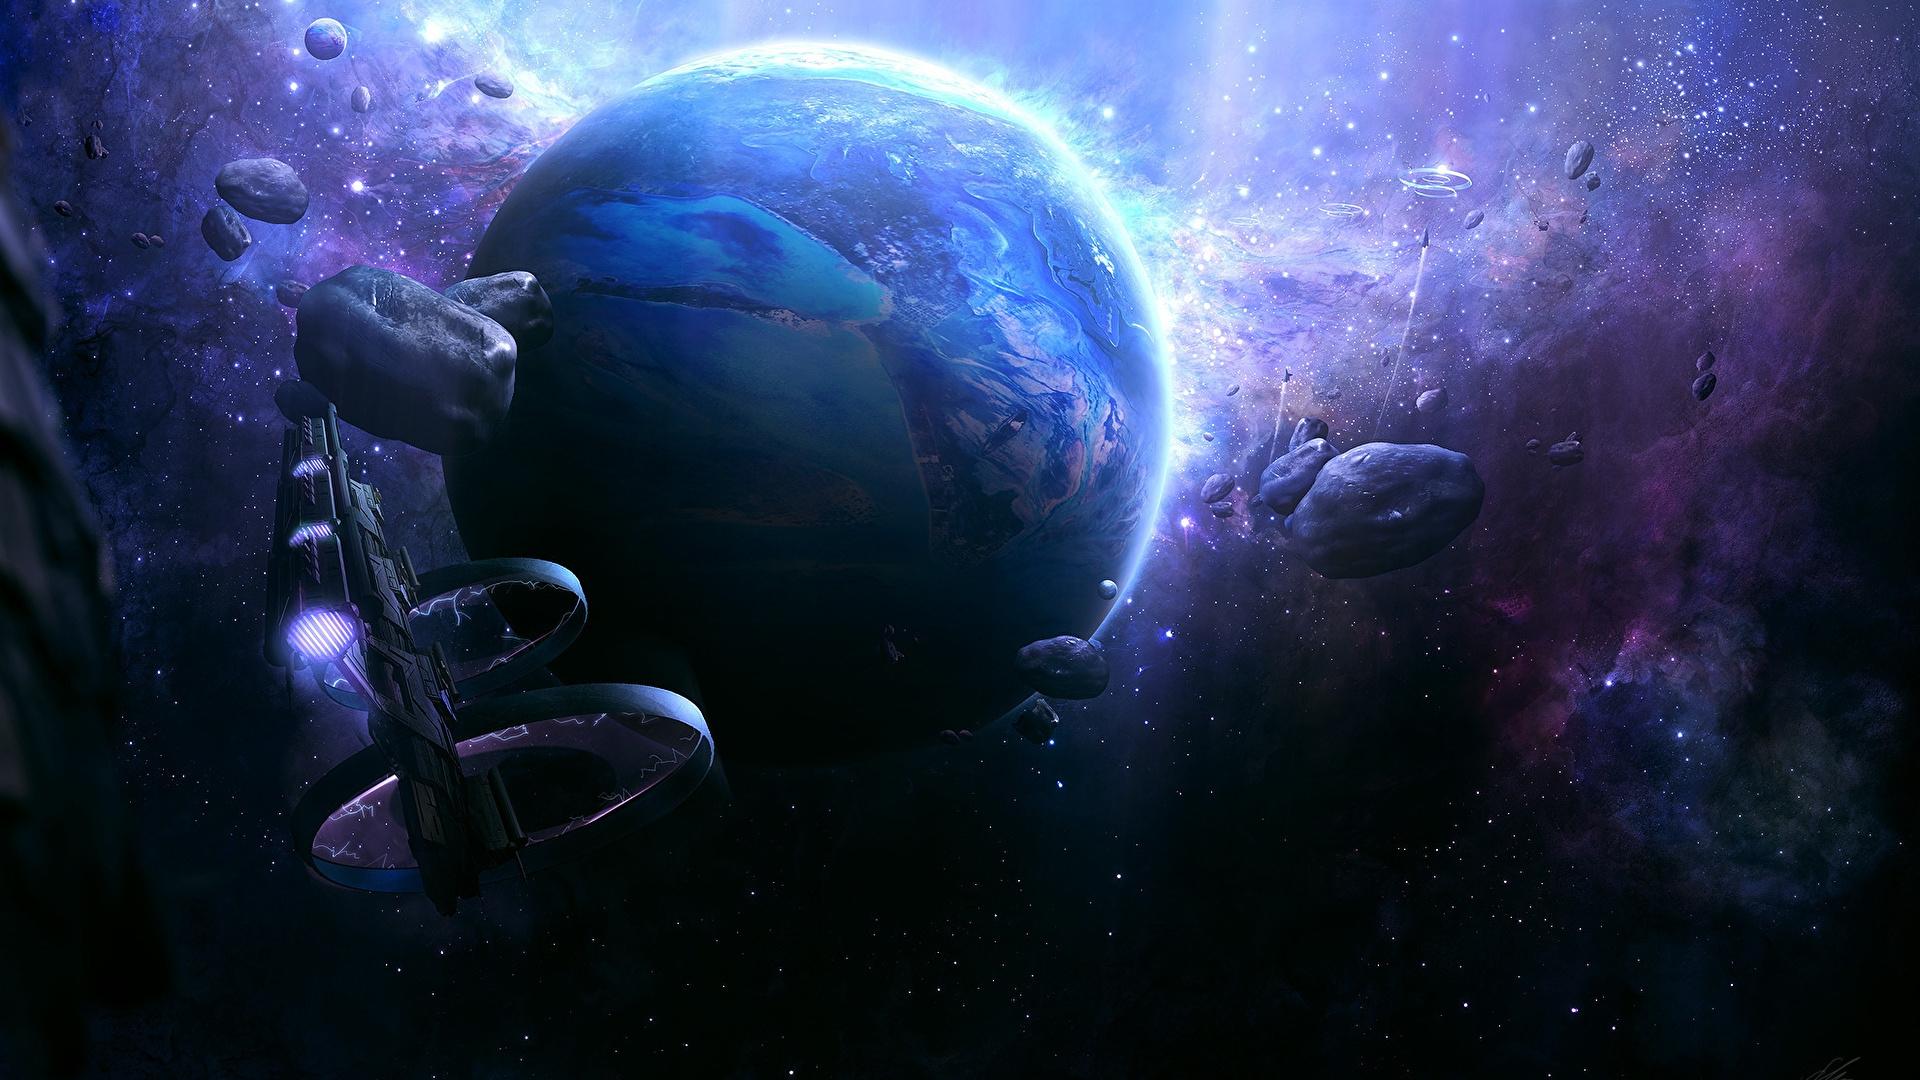 壁紙 1920x1080 惑星 宇宙空間 ダウンロード 写真